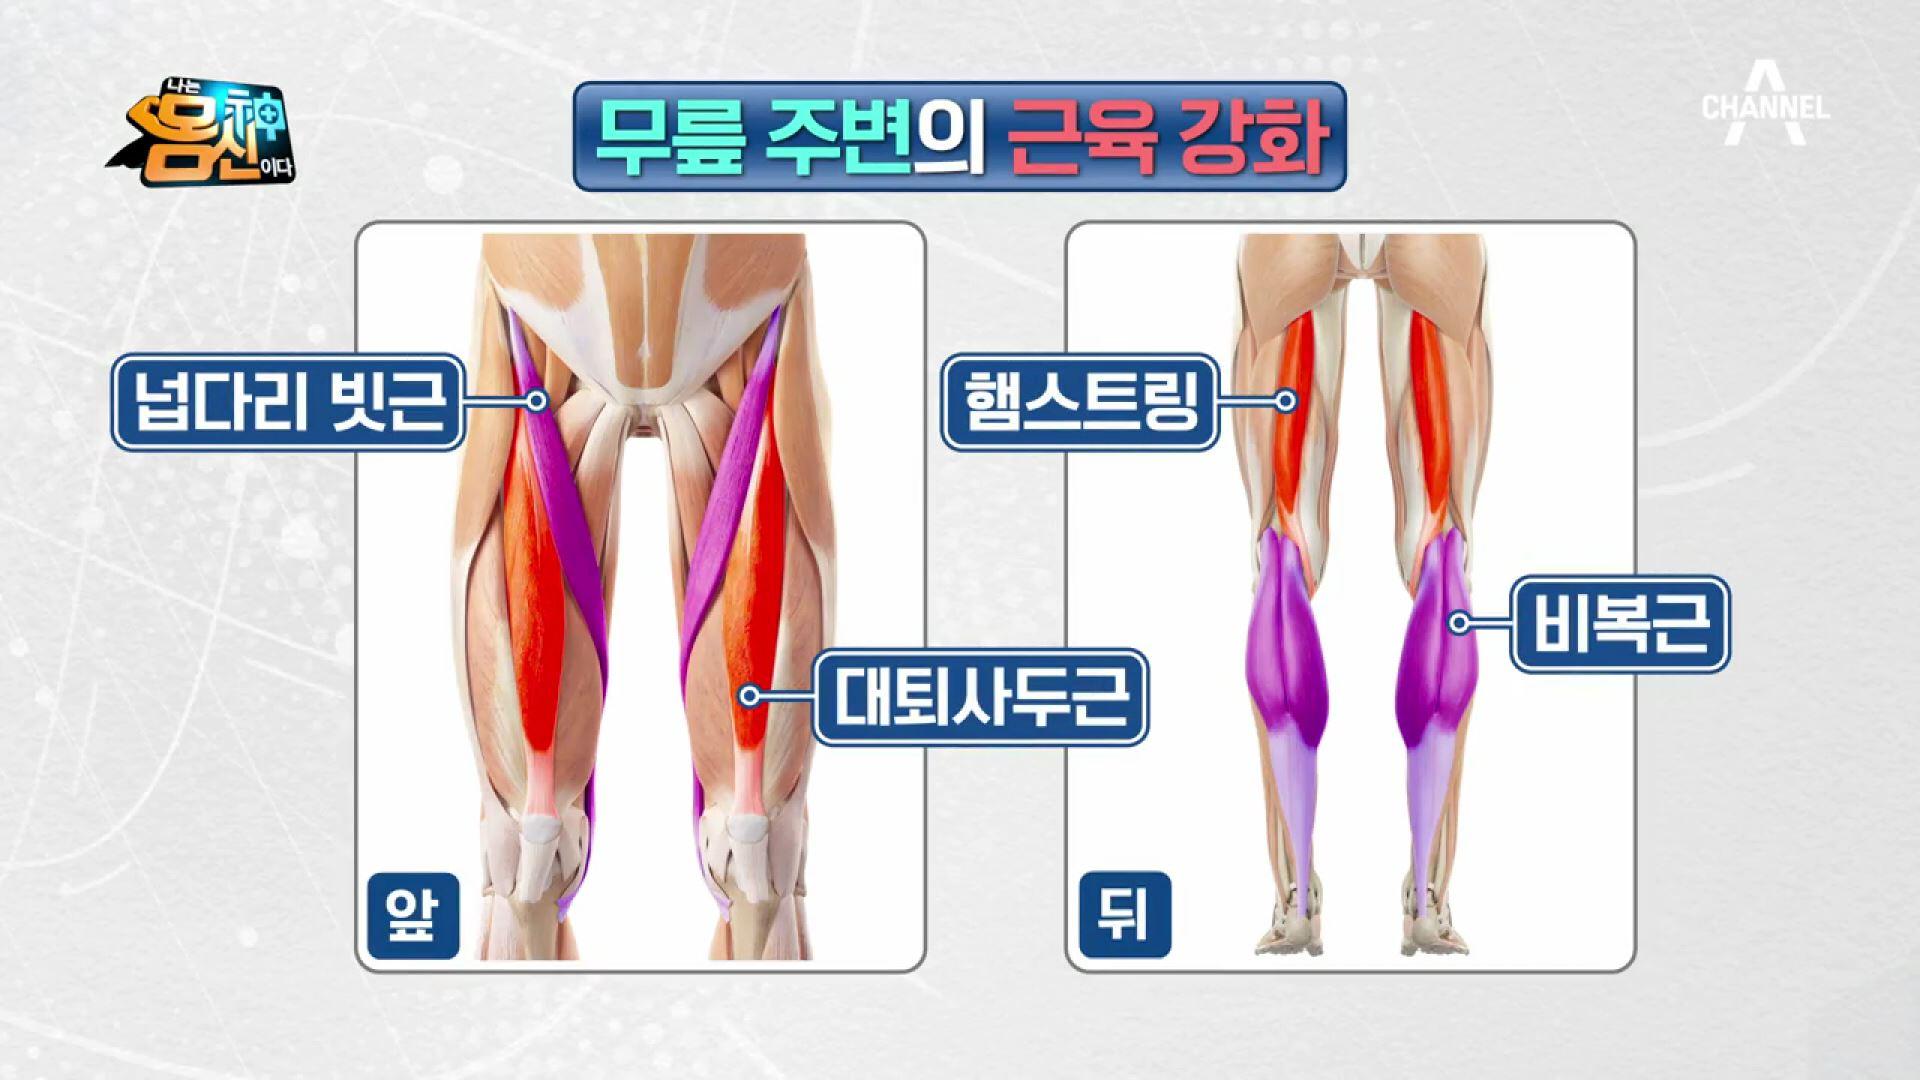 ★림픽 4위 신화를 이룬 득점의 비결은? 무릎 주변 근....